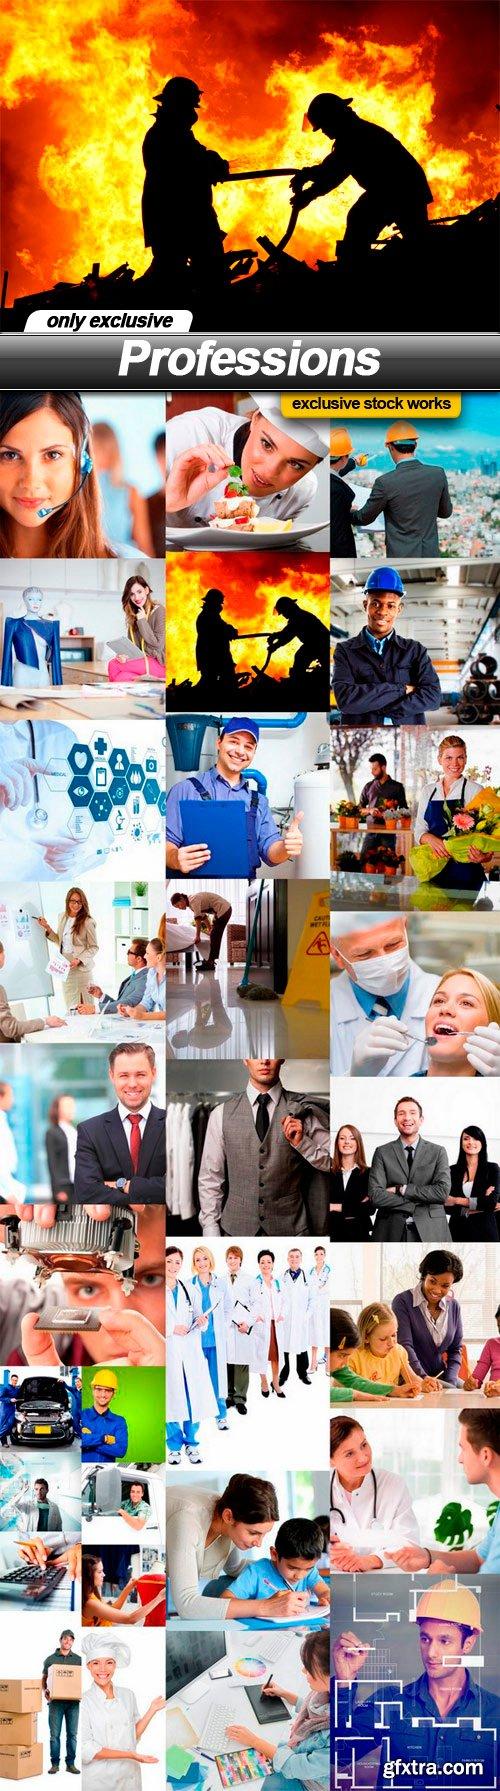 Professions - 30 UHQ JPEG